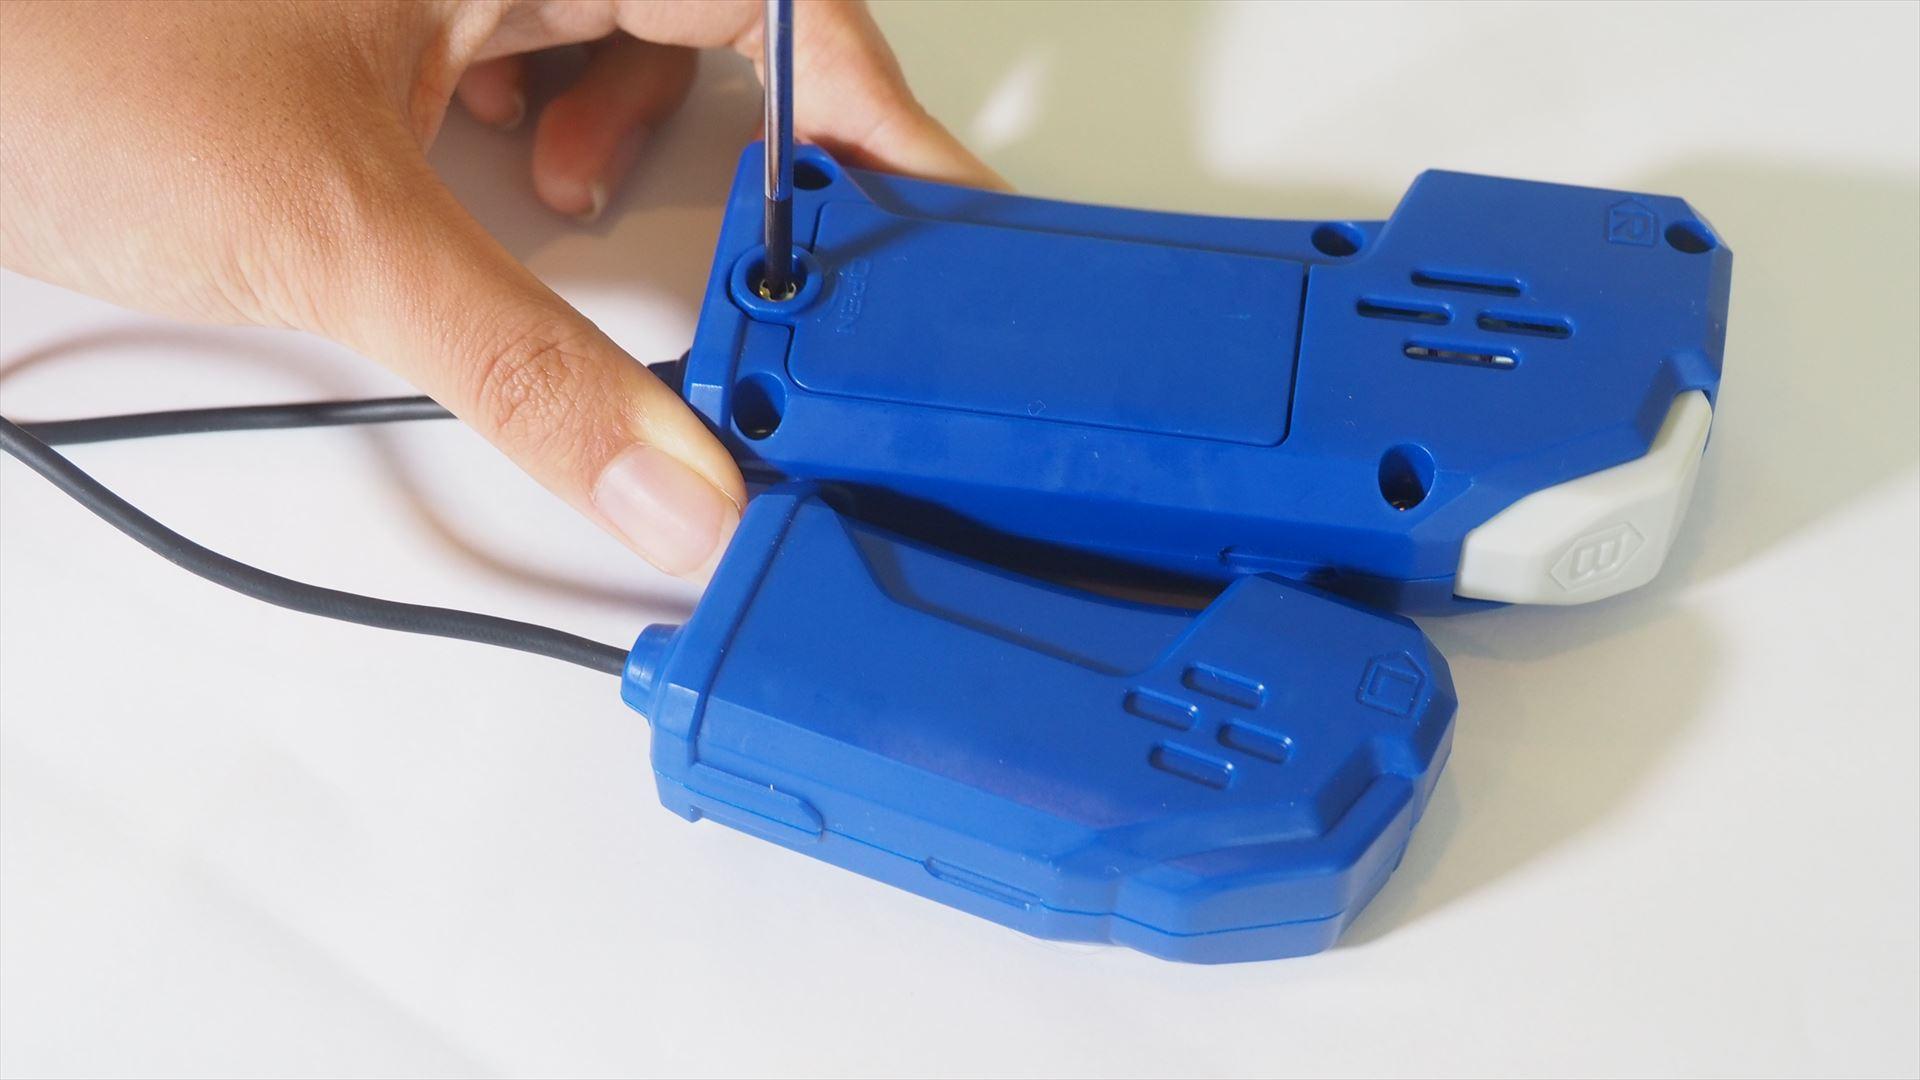 ドライバーを使って右手側のコントローラーの電池ブタのネジを外す